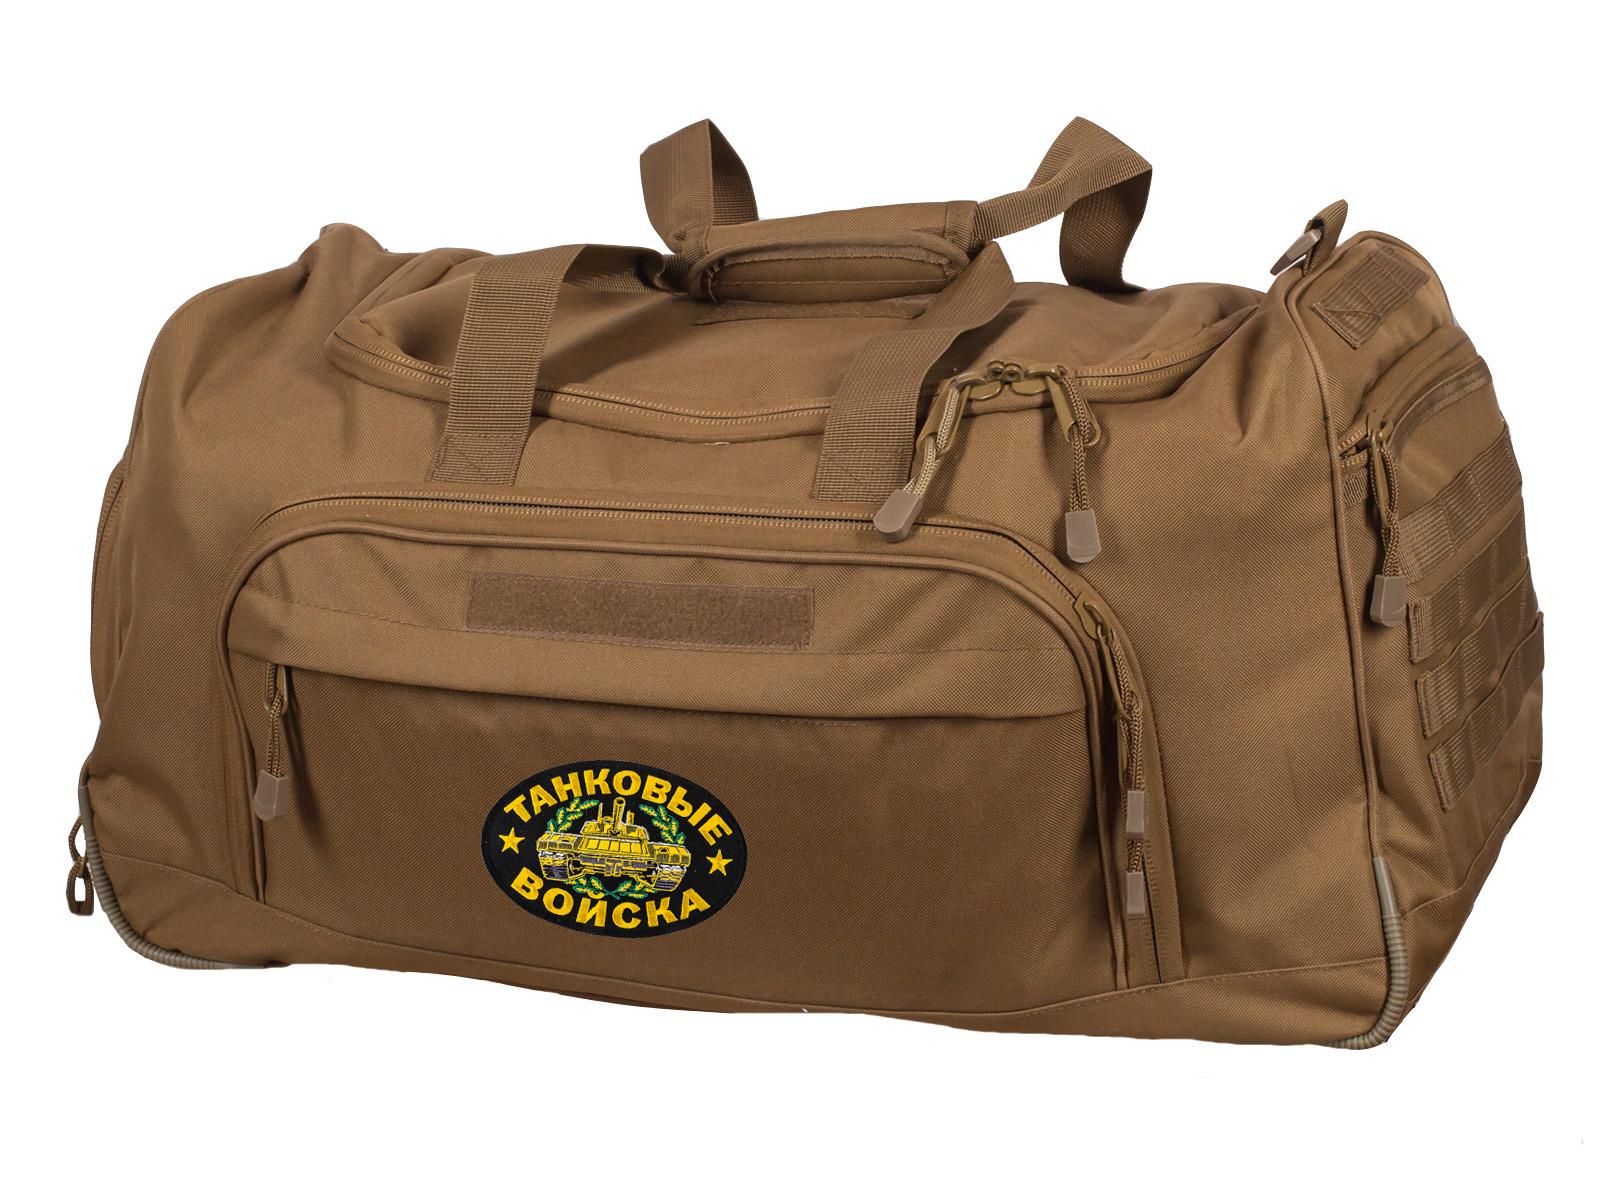 Армейская вместительная сумка 08032B Coyote с нашивкой Танковые Войска